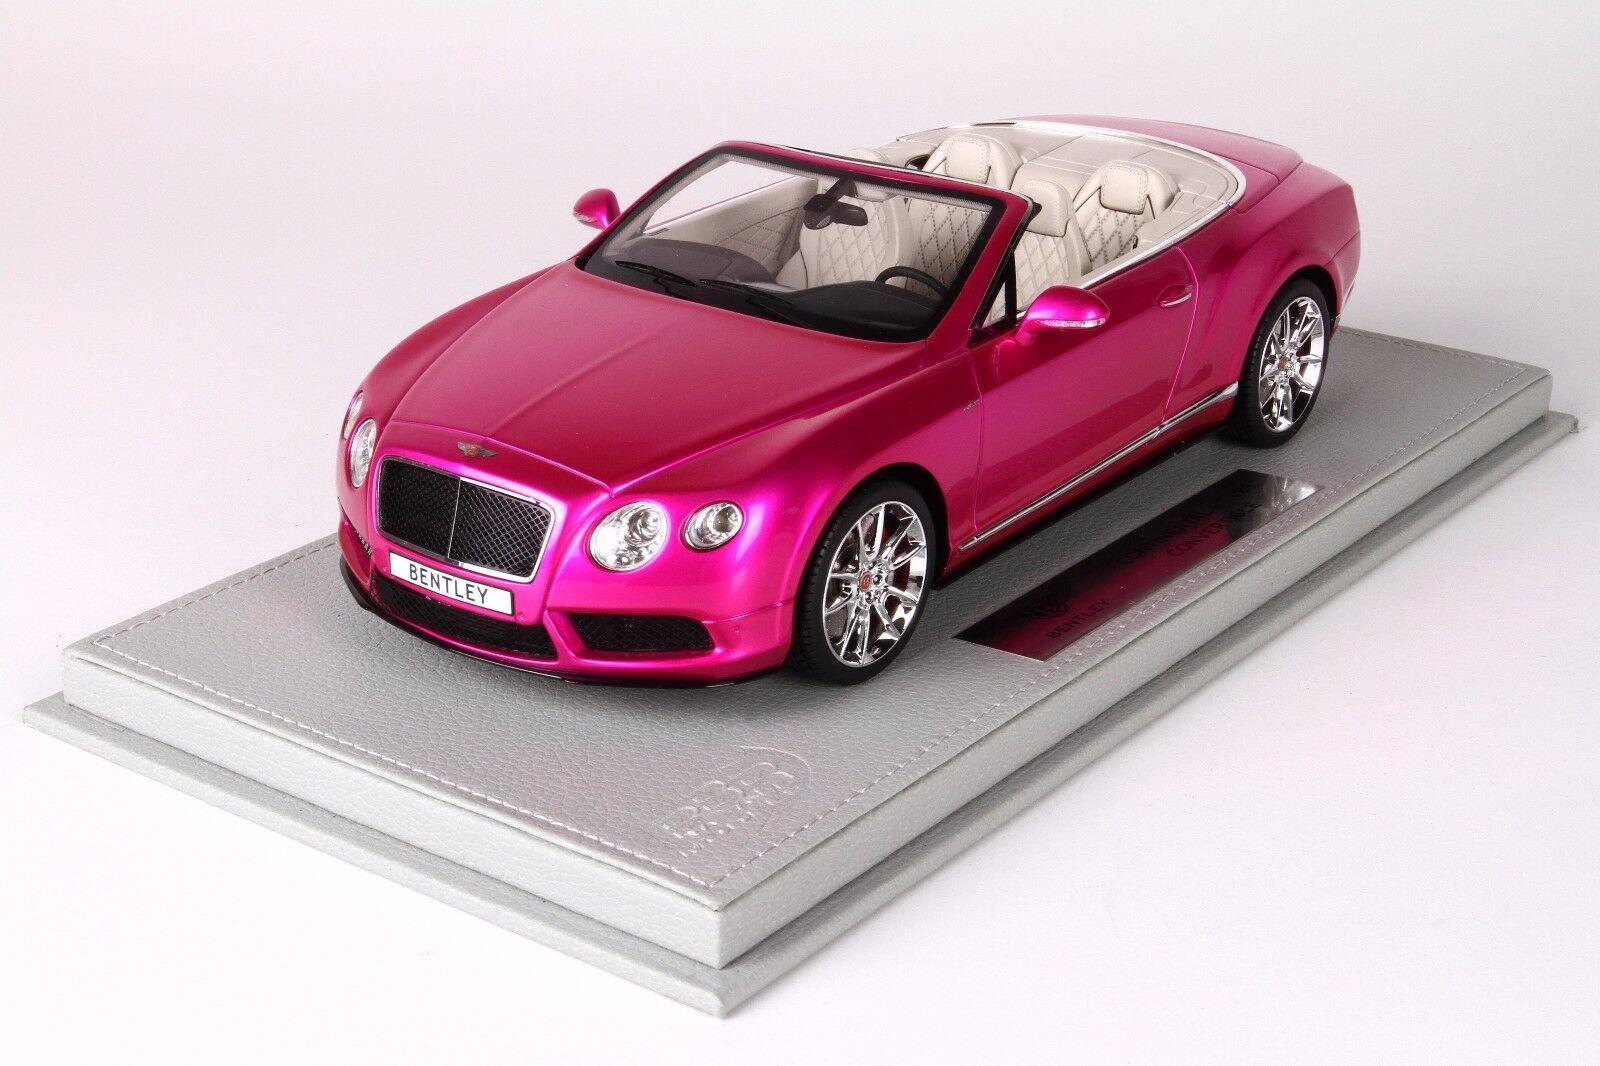 Bentley Continental GT V8 S Congreenible Flash Pink, Ltd 20 pcs w  Case BBR 1 18